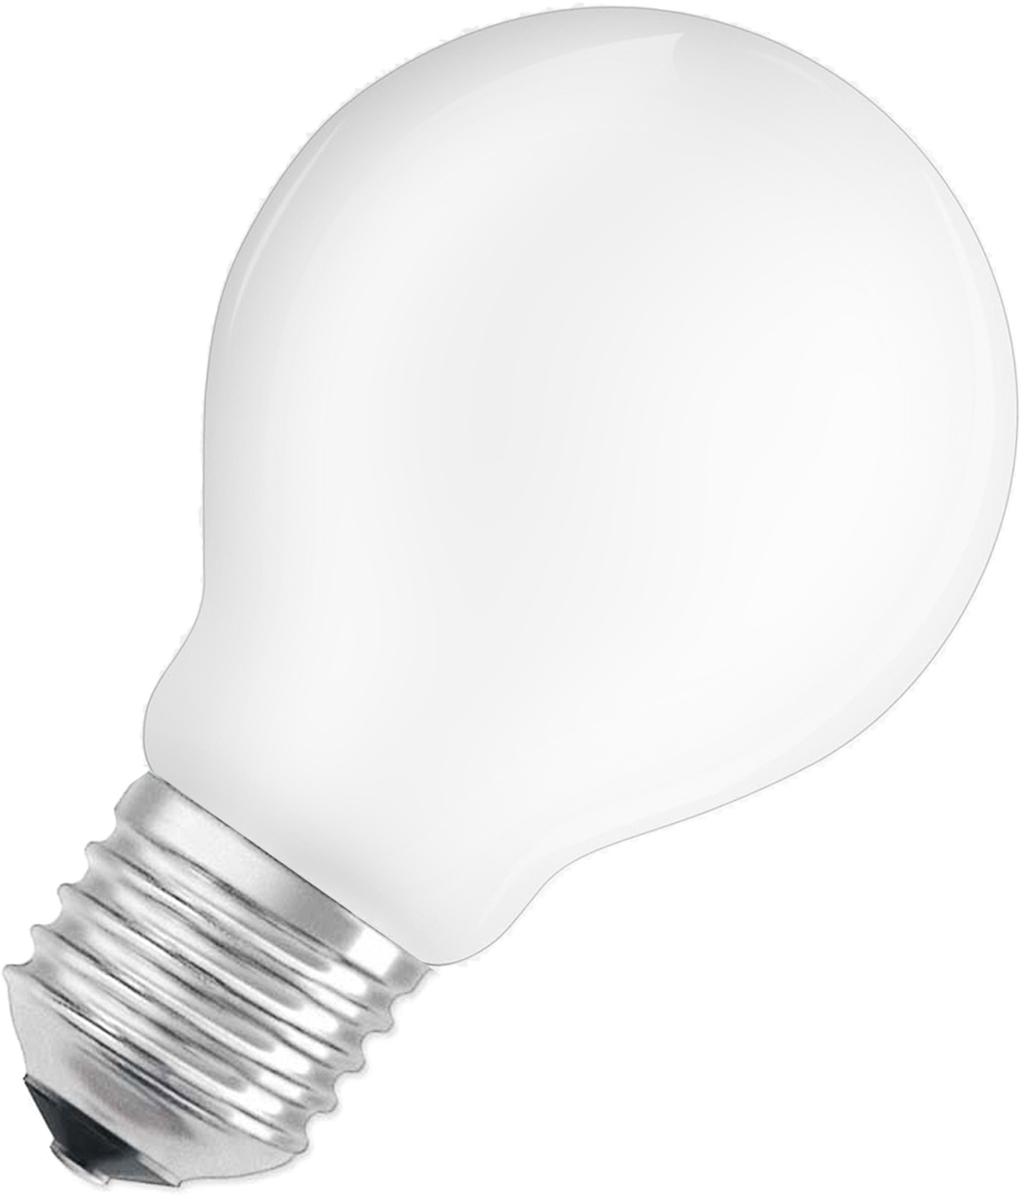 """Лампа накаливания Osram """"Classic"""" A FR 40Вт E27 220-240В. 4008321419415"""